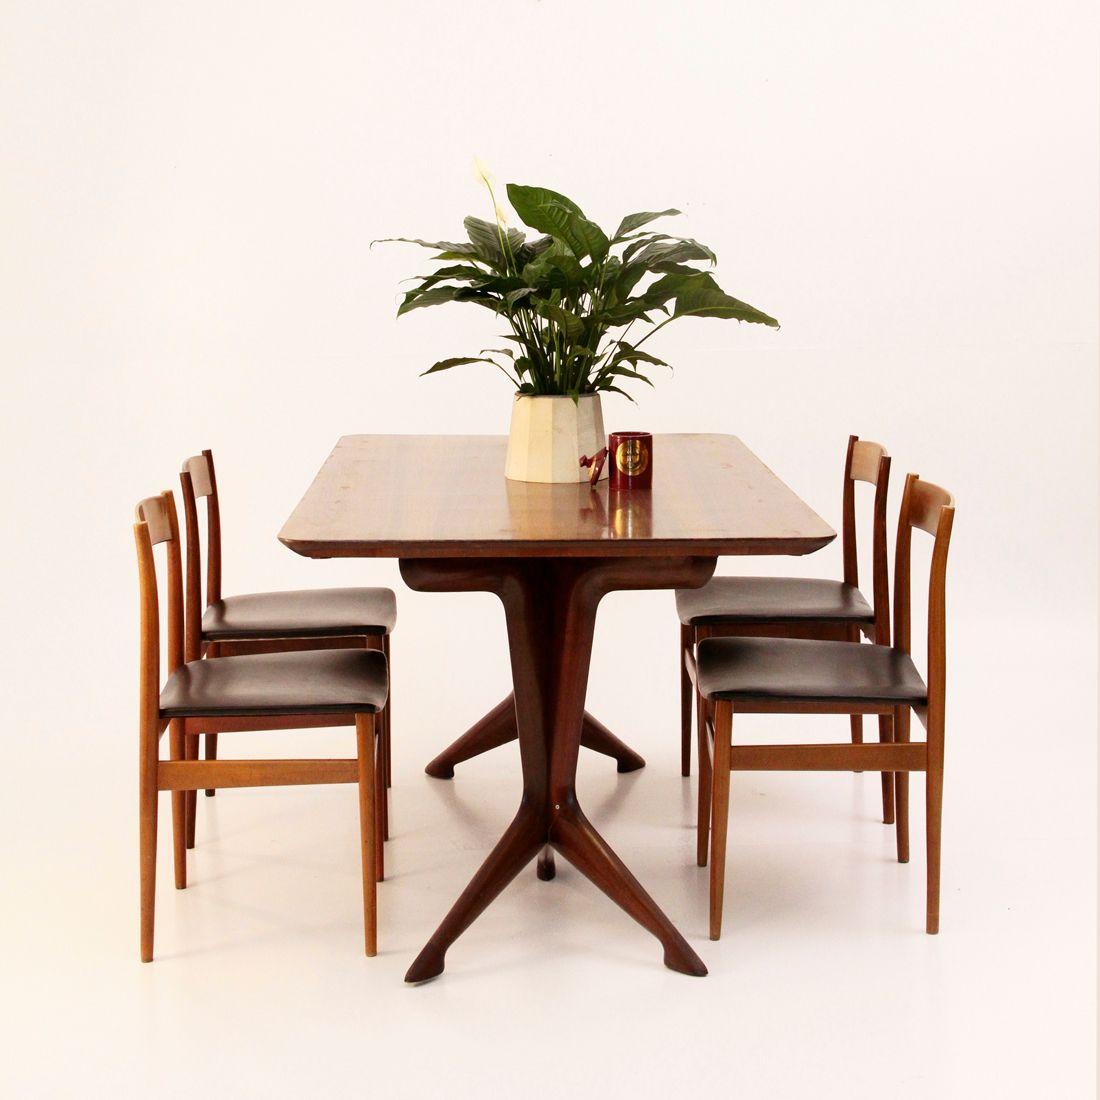 Chaises de salle manger mid century italie 1960s set for Salle a manger 1960